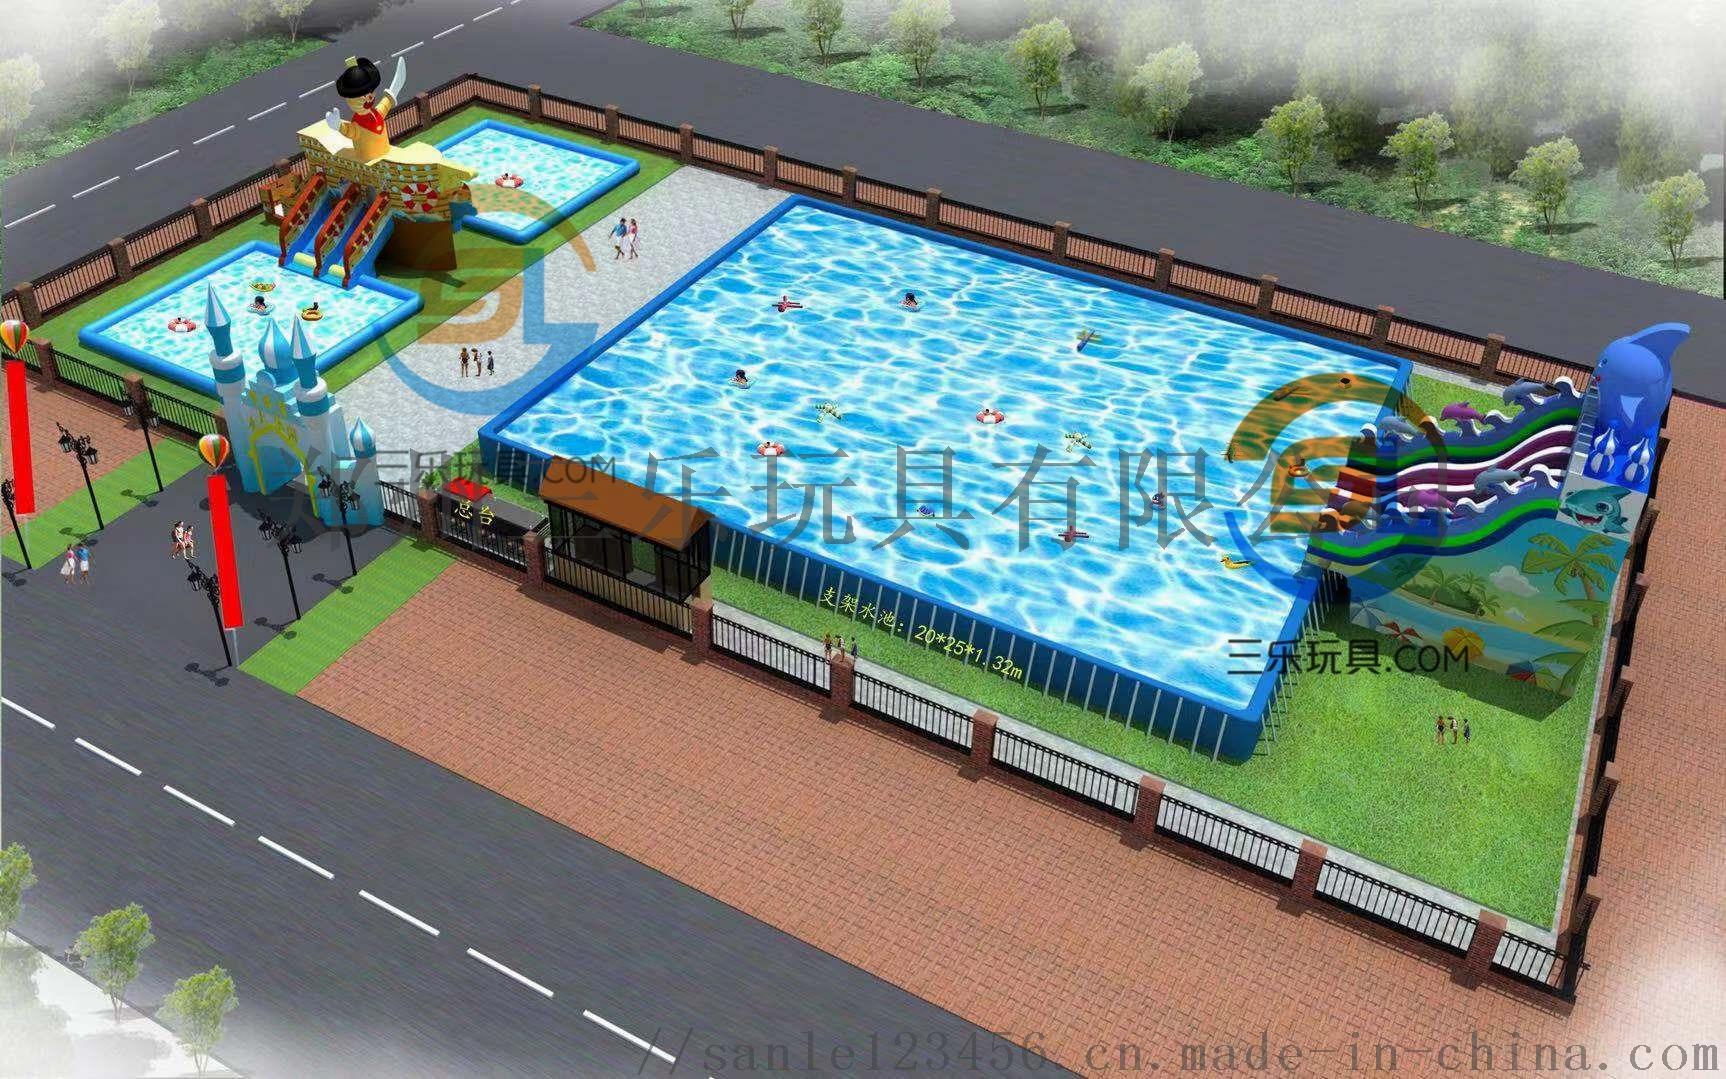 水樂園3D圖 (1).jpg